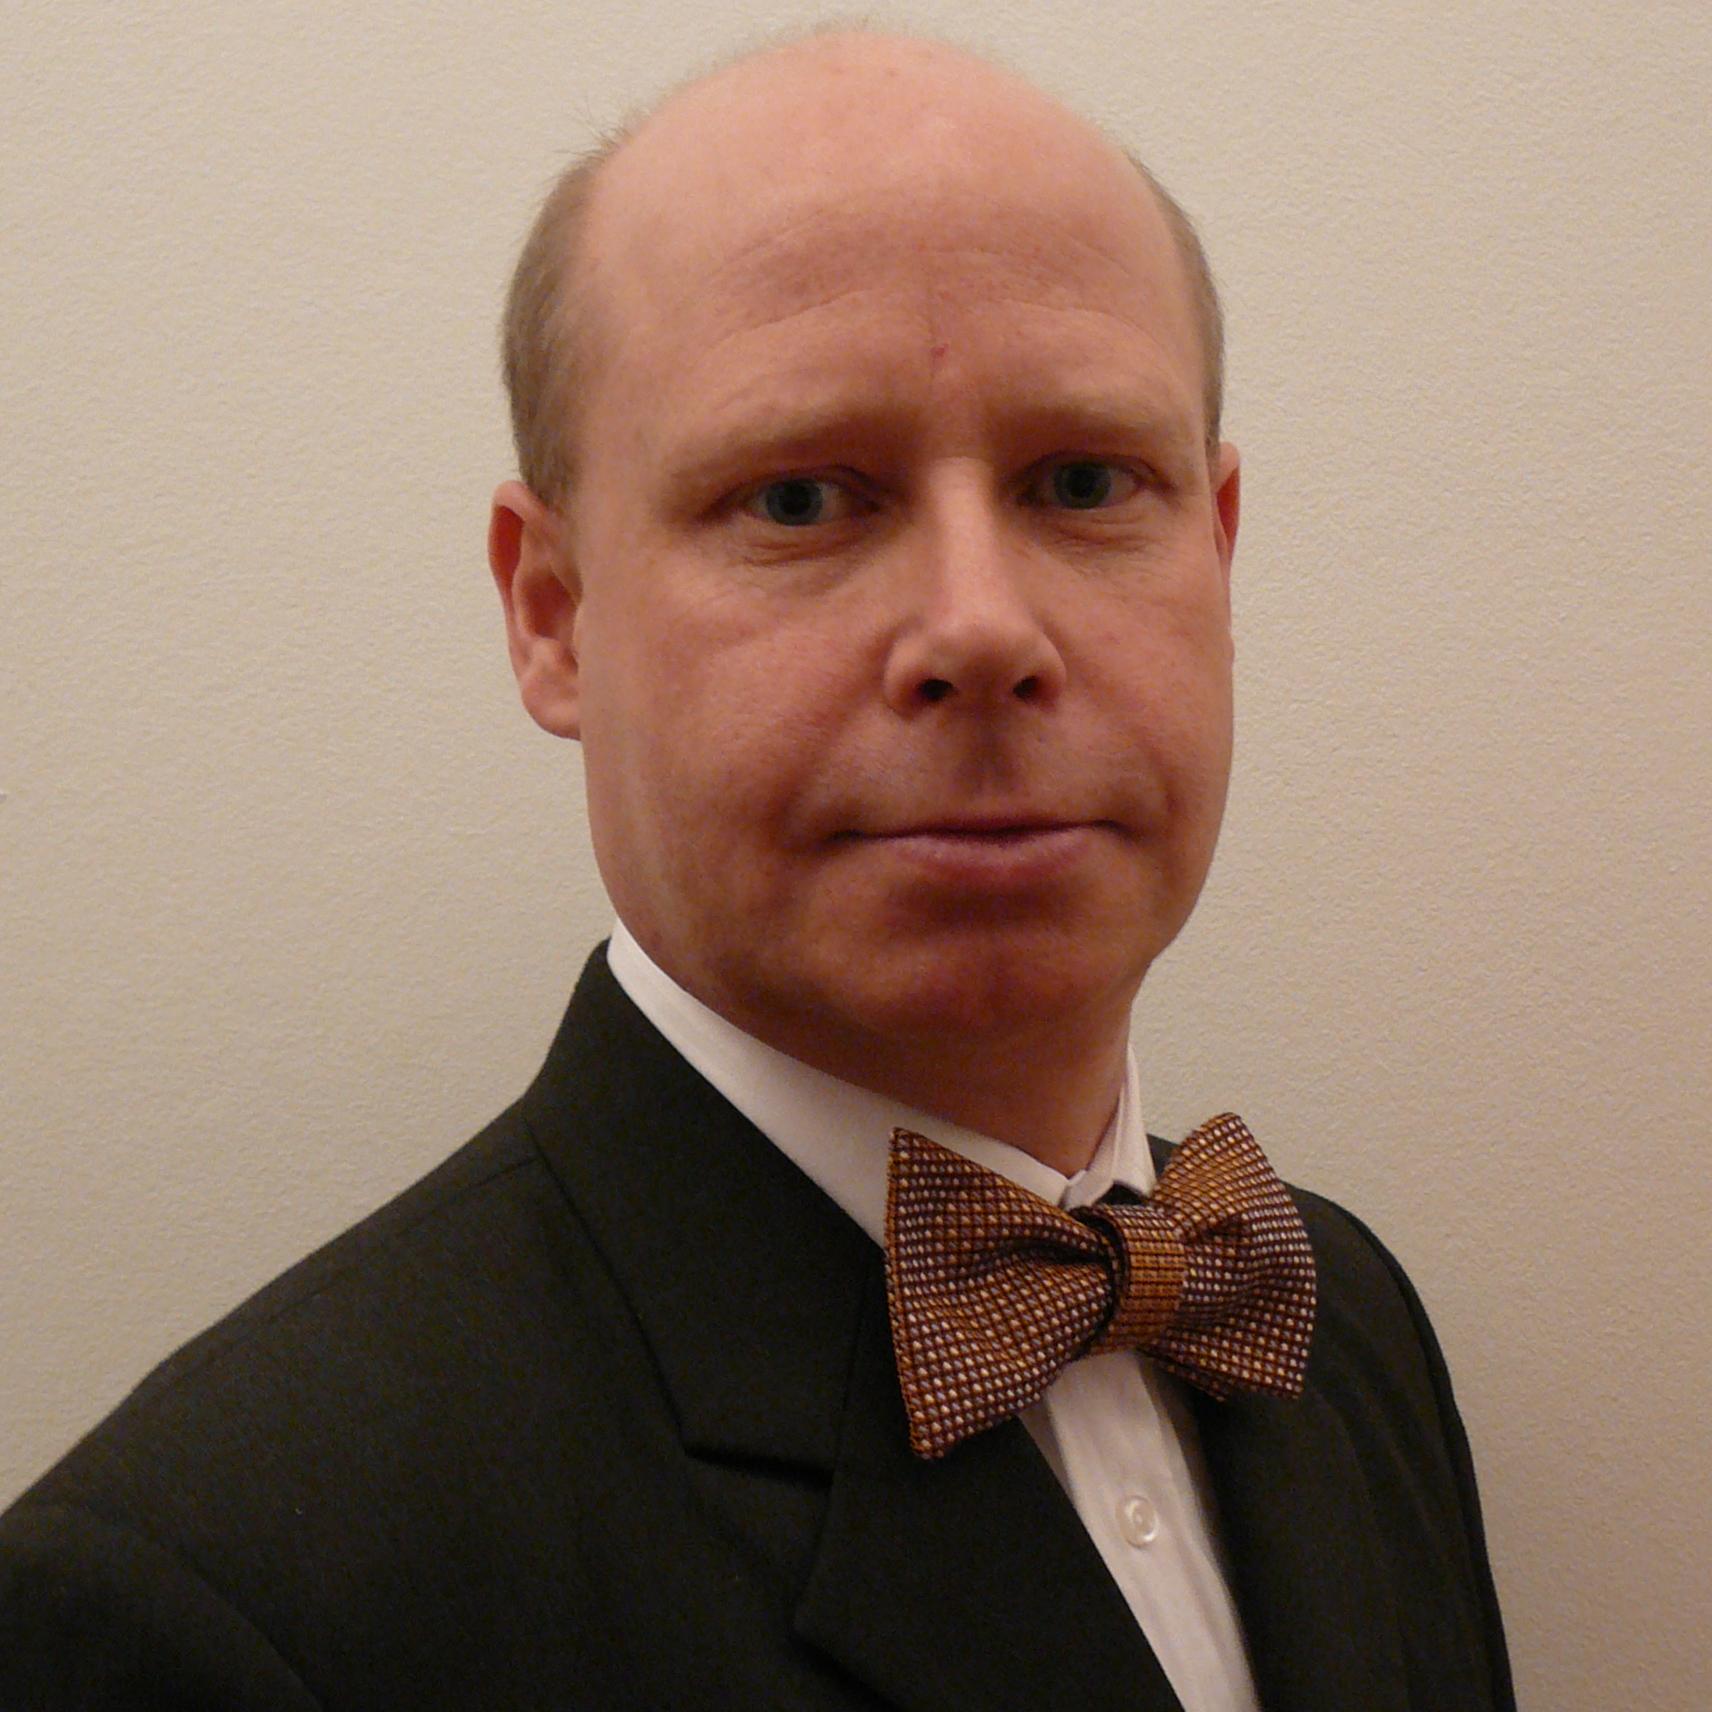 Joakim Pauli